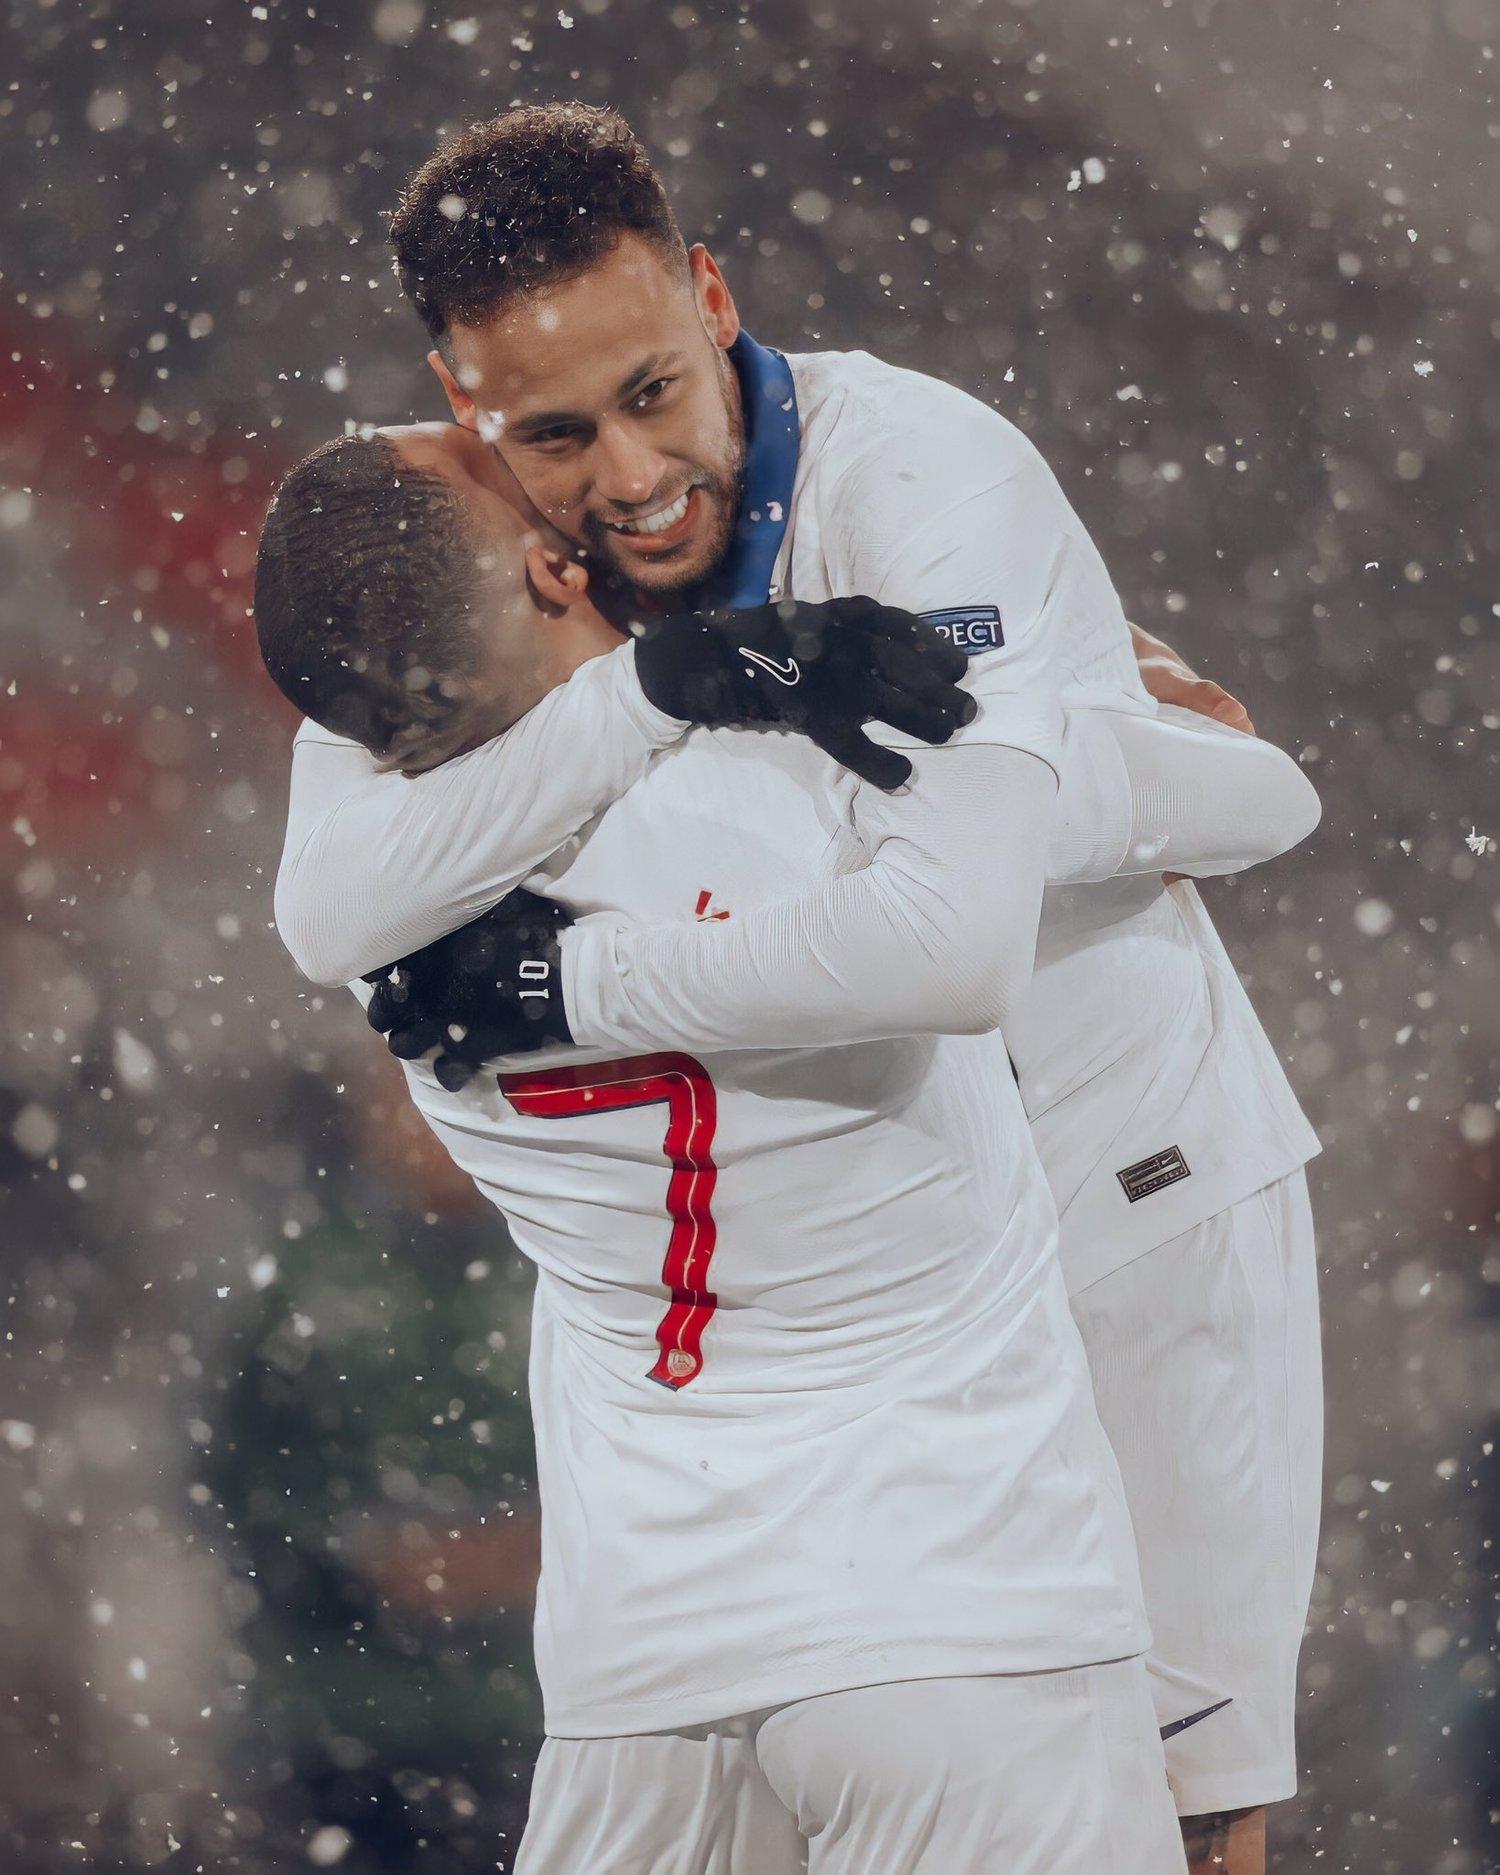 Neymar abraçado a Mbappé. O brasileiro hoje jogou pelo time. Deu duas assistências